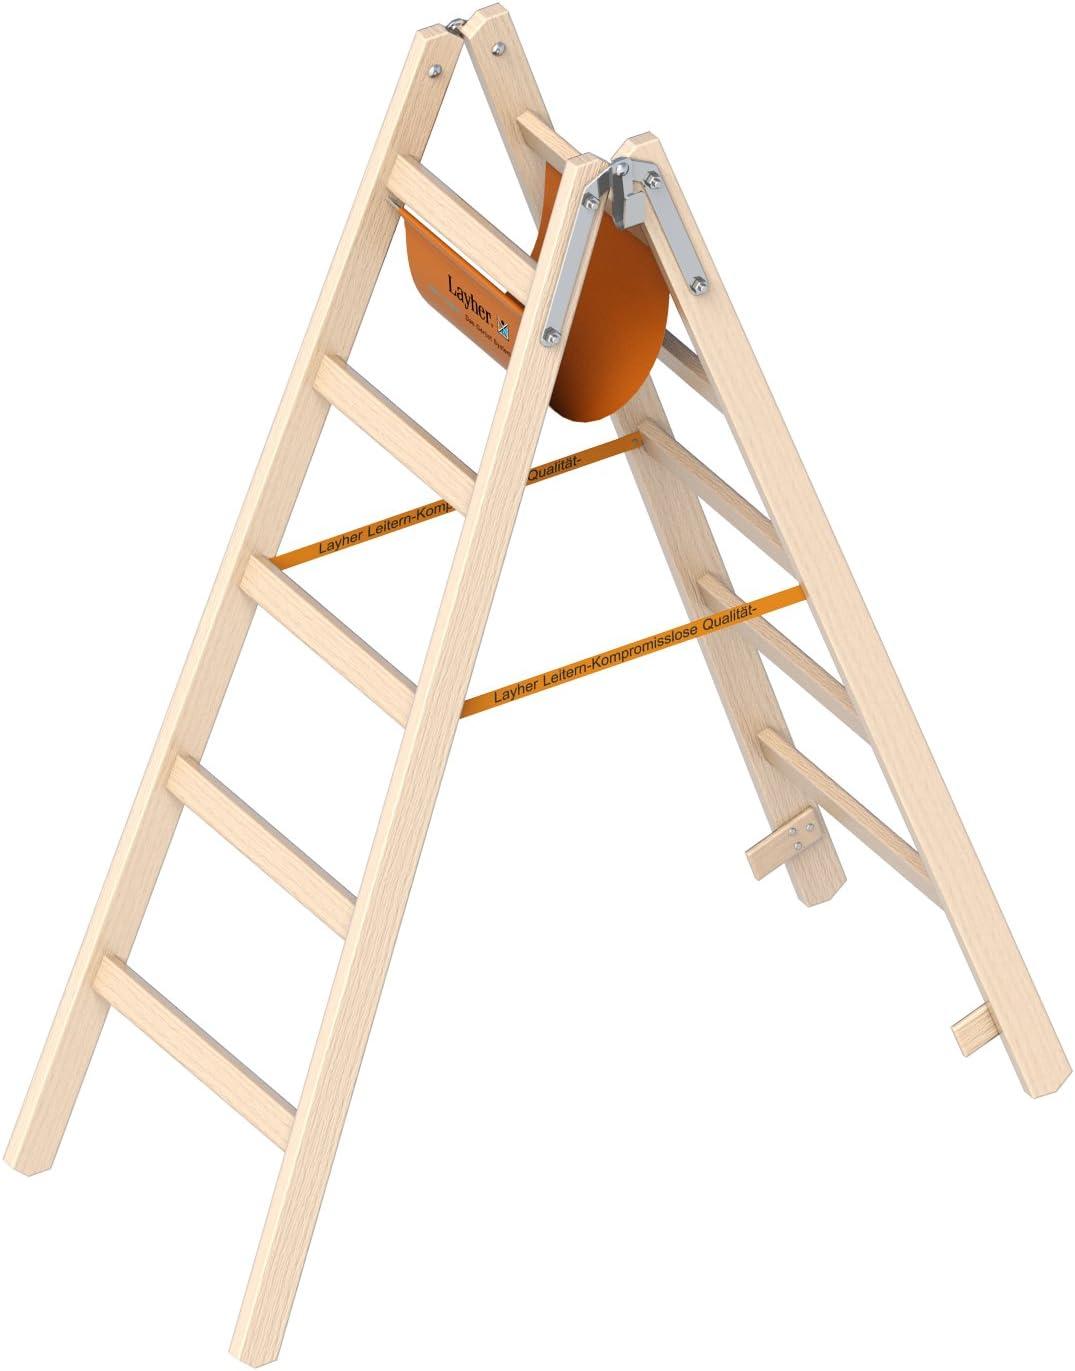 Layher 1038205 1038 EUROSTYL – Escalera, marrón, 2 x 5 travesaños: Amazon.es: Bricolaje y herramientas